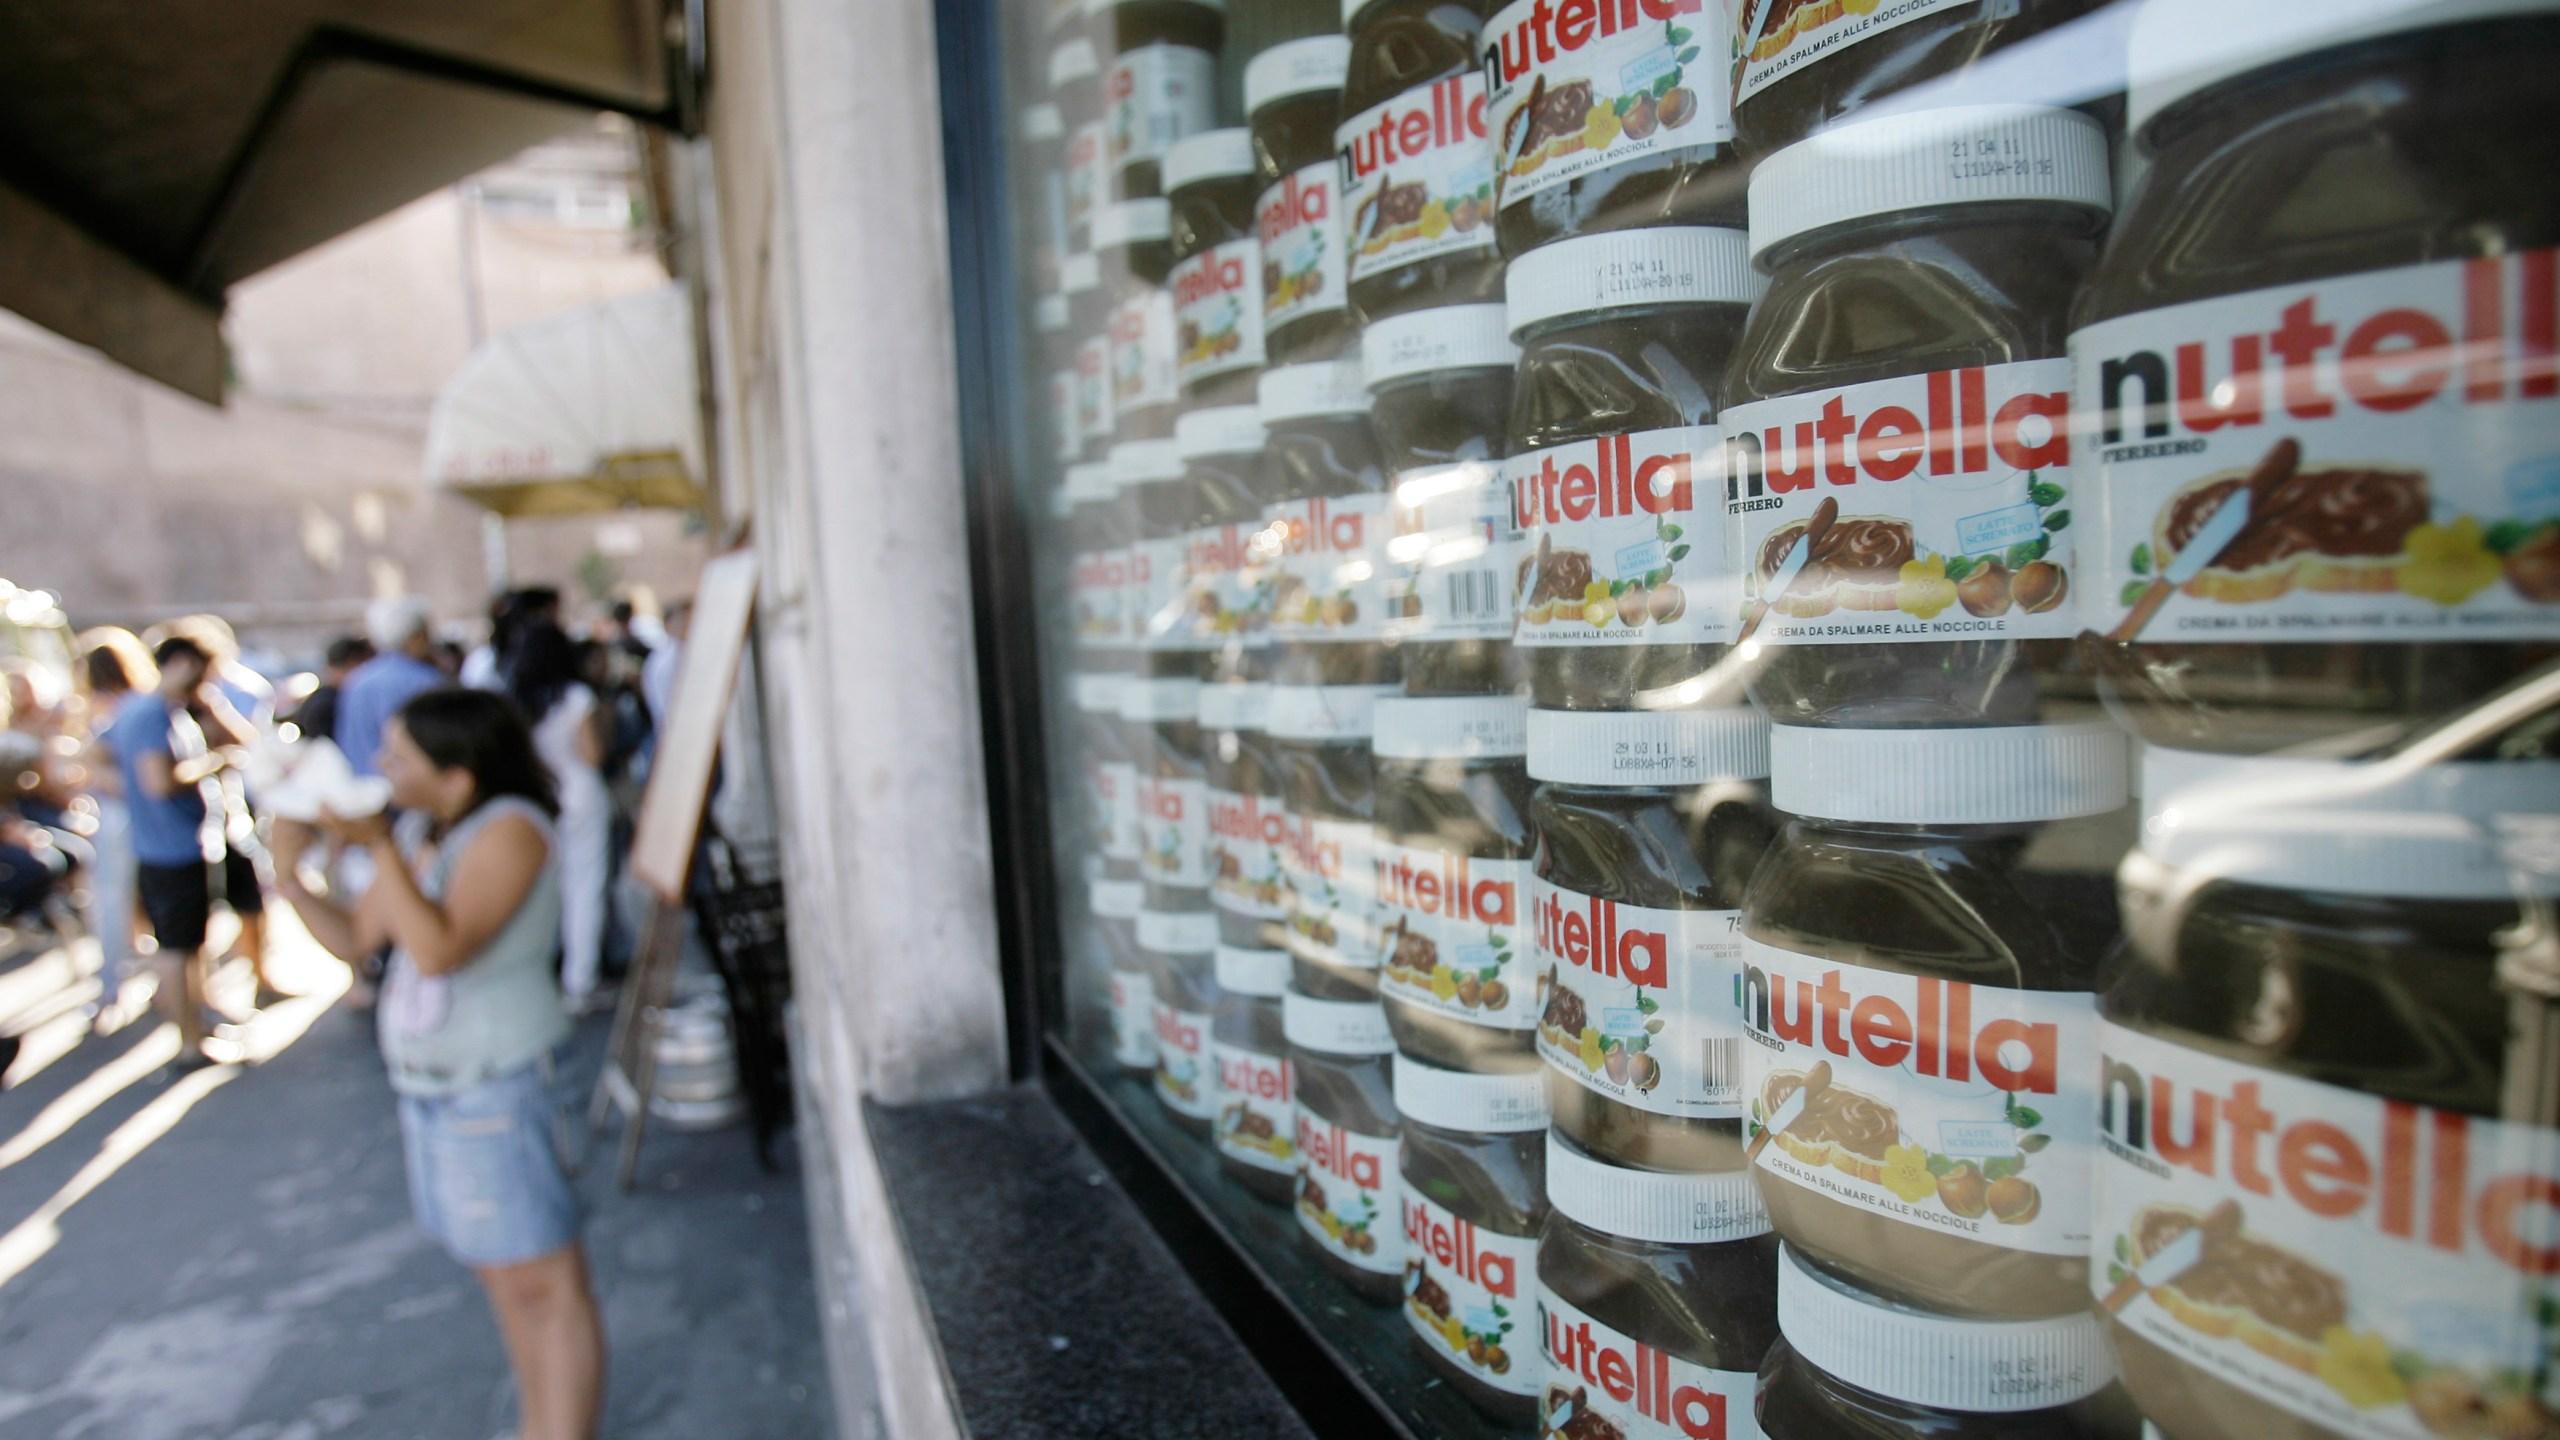 Nutella--AP_1533599755098.jpg